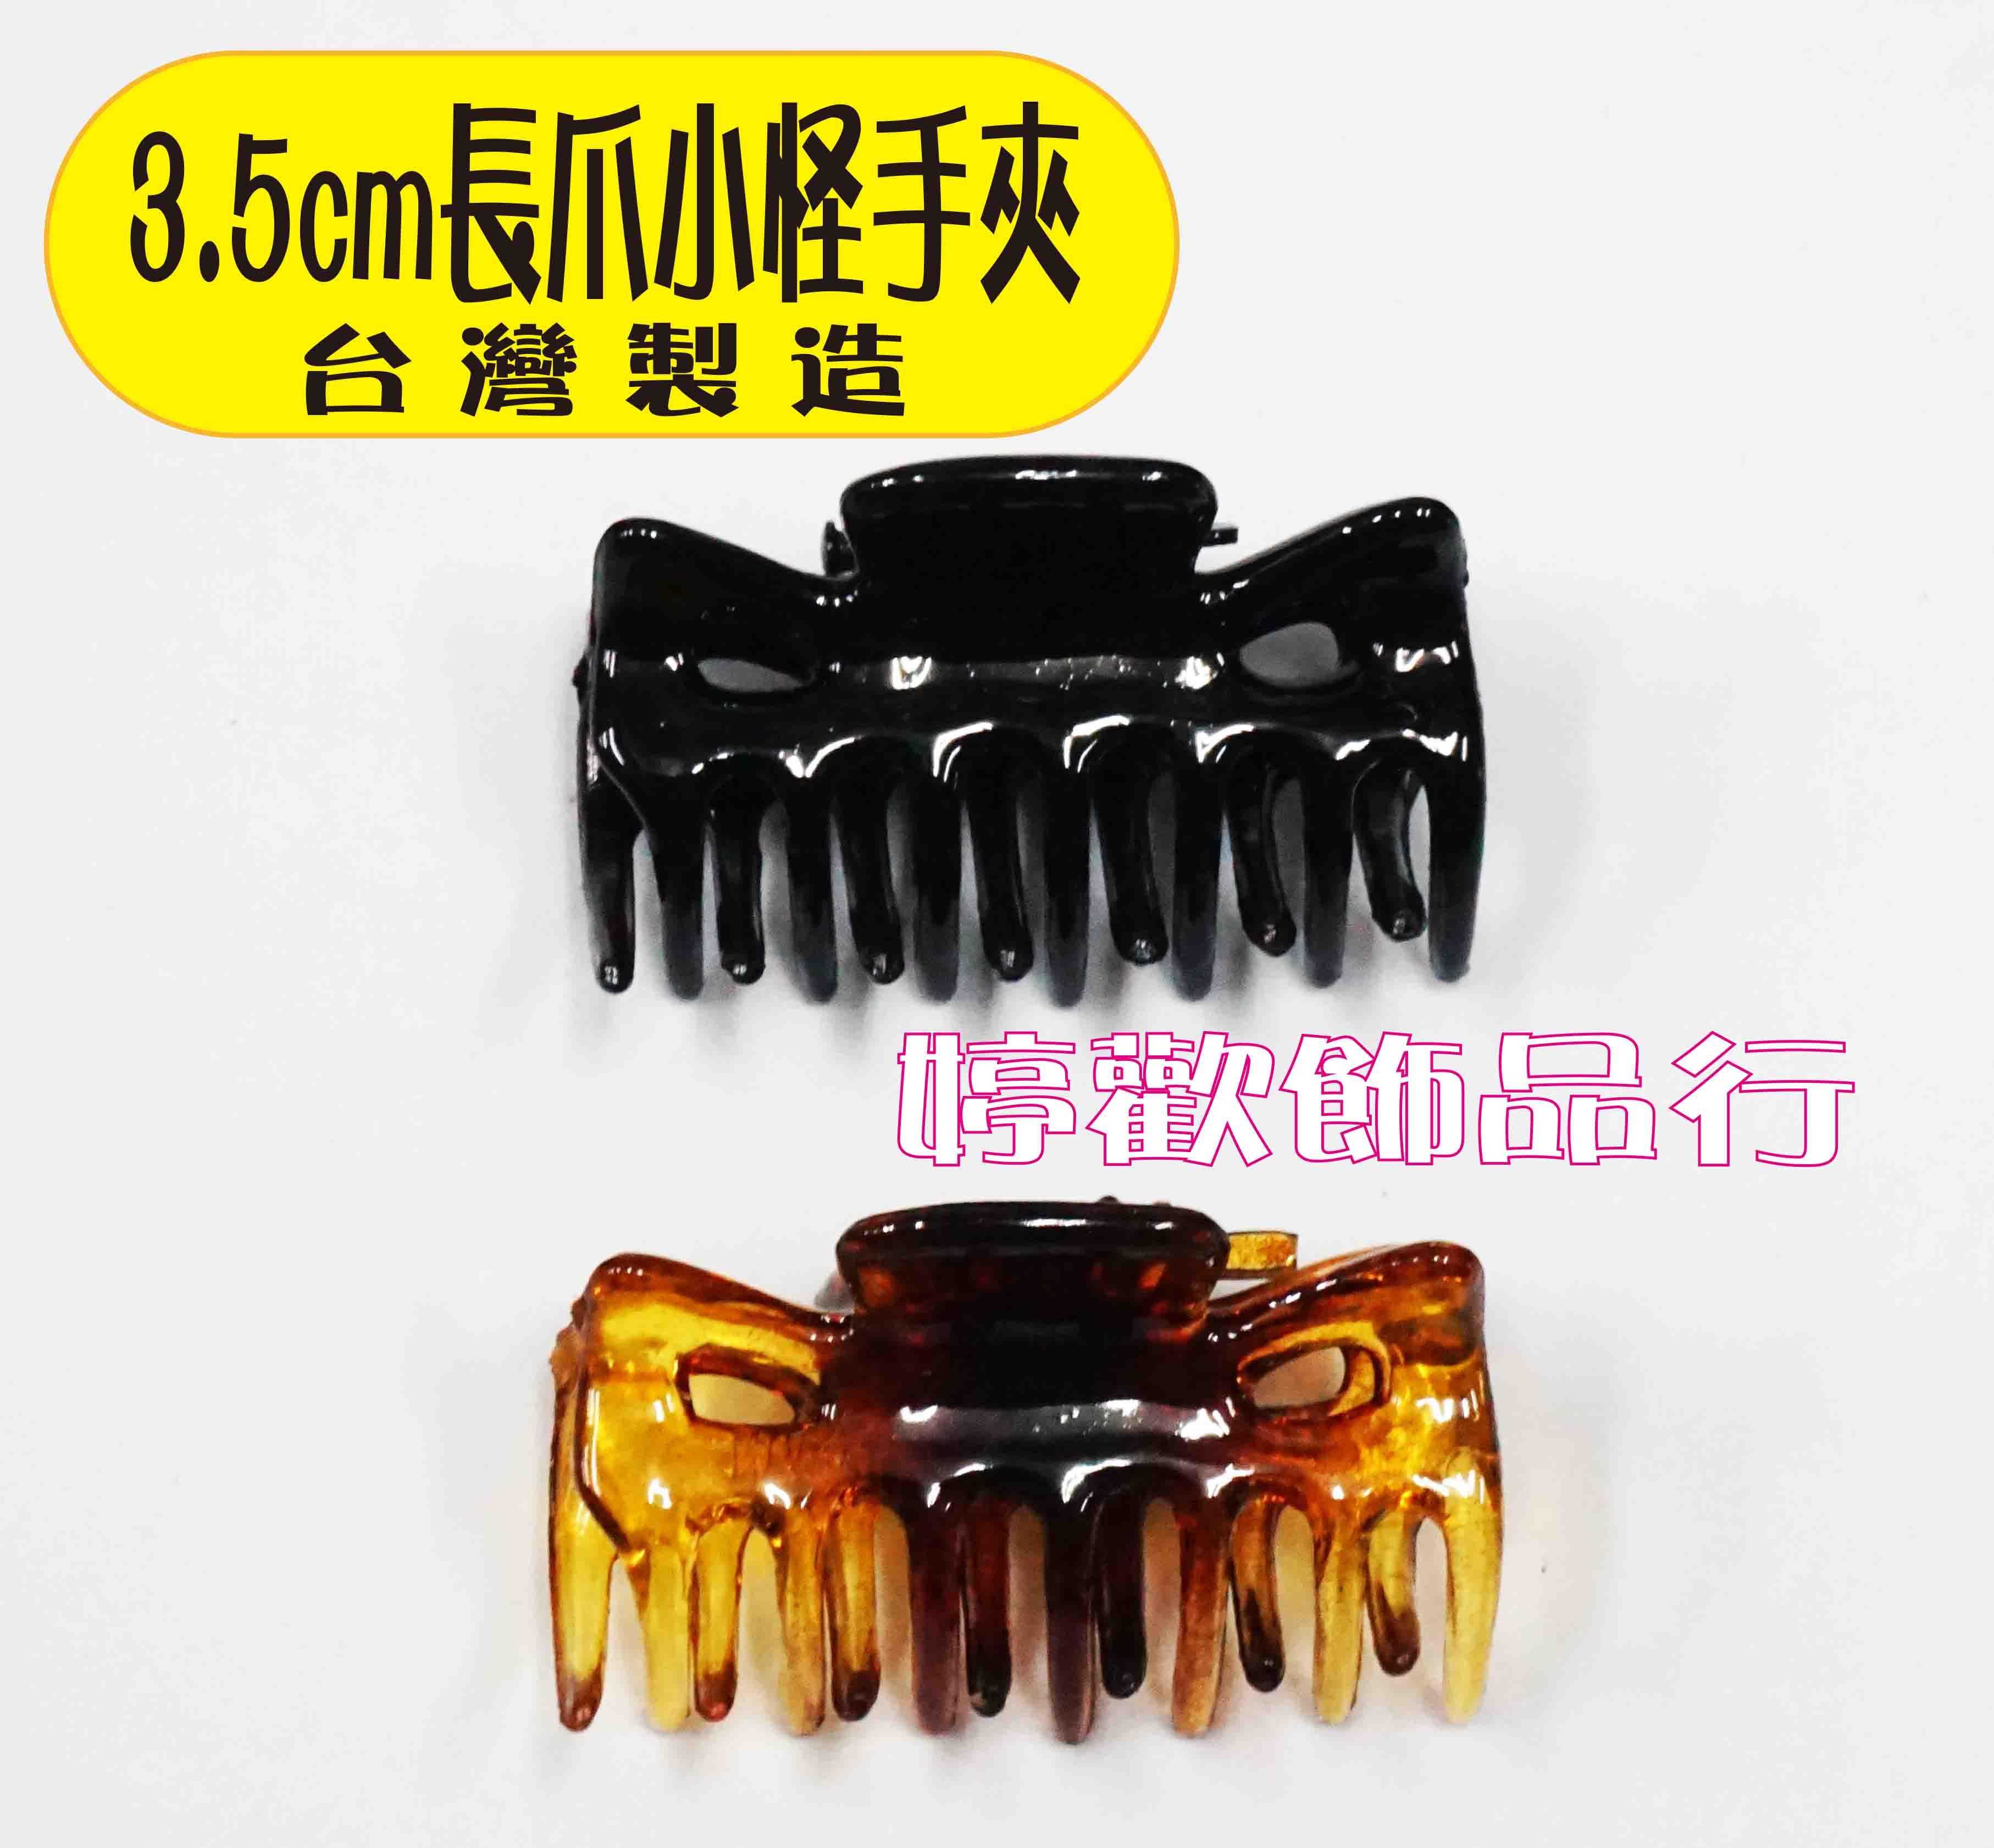 3.5cm台灣製小怪手,5支$50元/瀏海夾 /鯊魚夾/小抓夾/長爪夾/黑色茶色